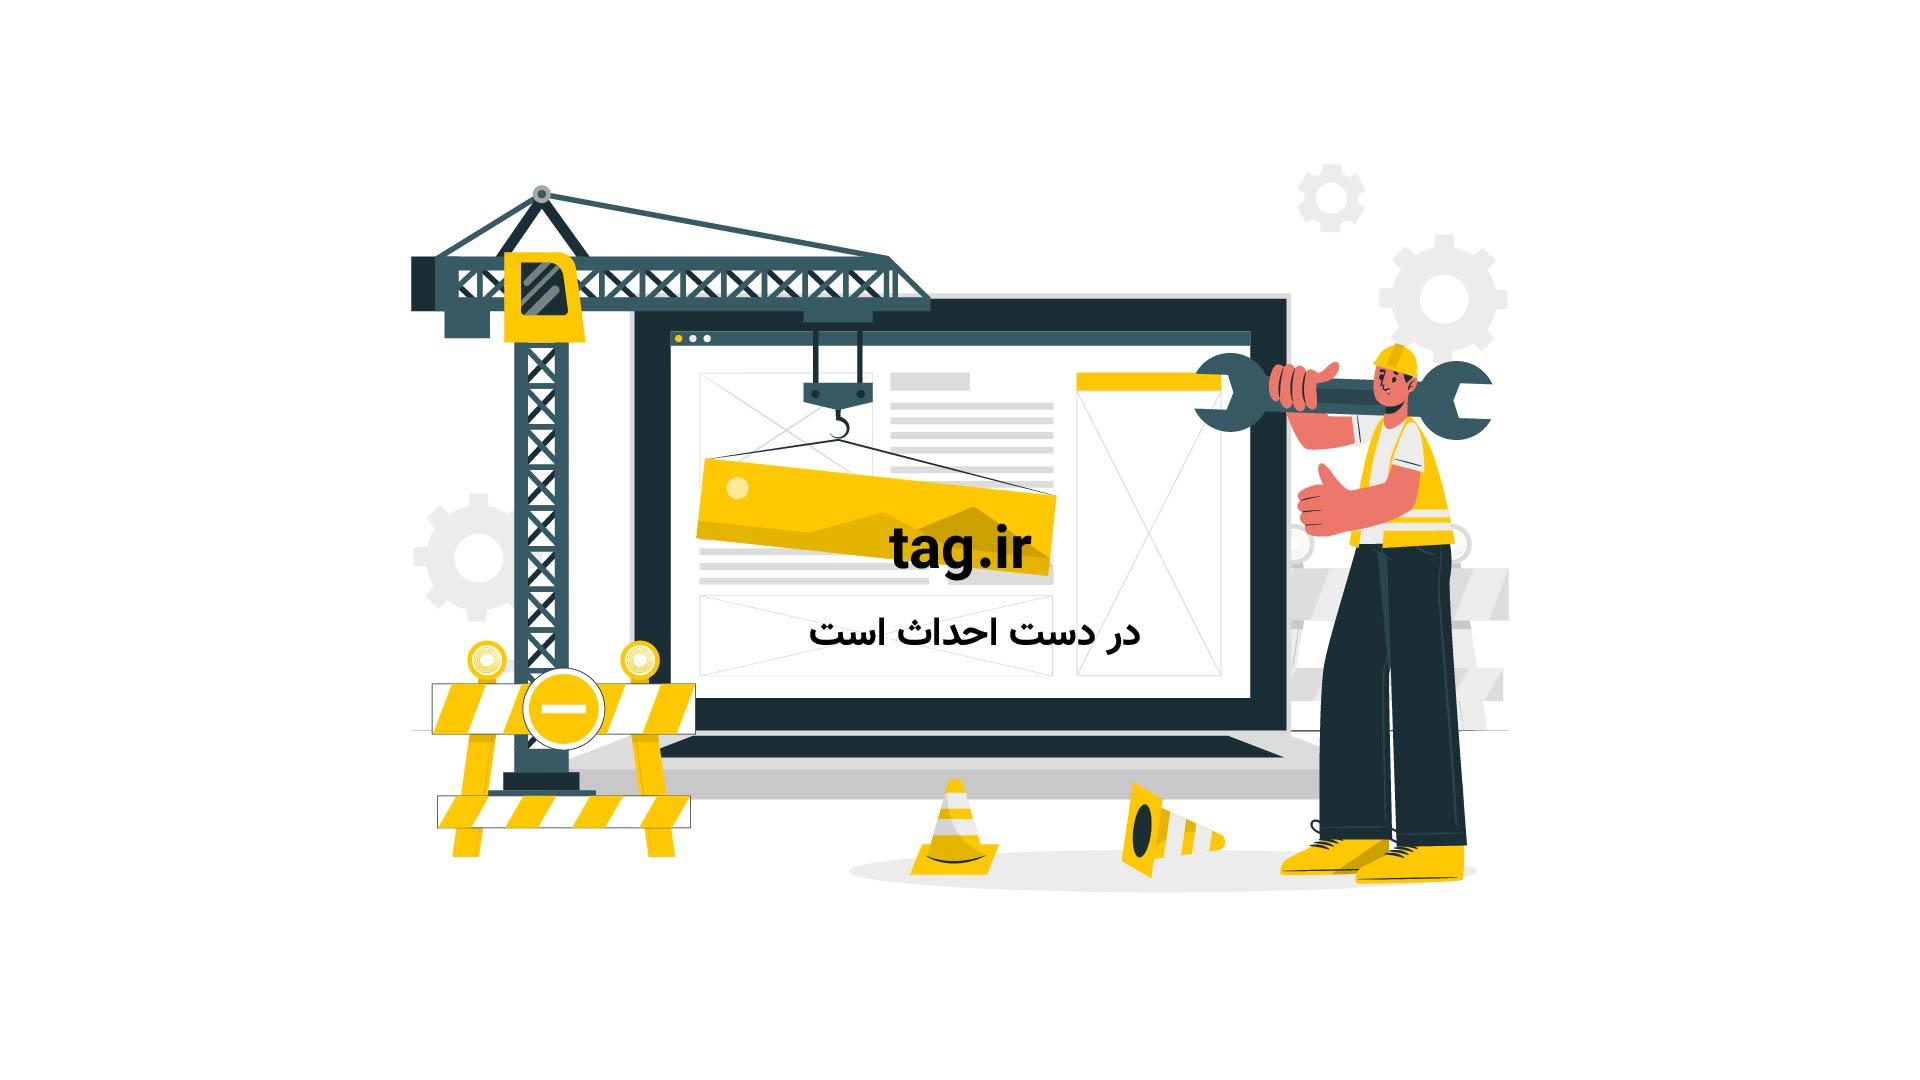 تکنیک نقاشی با آبرنگ   تگ